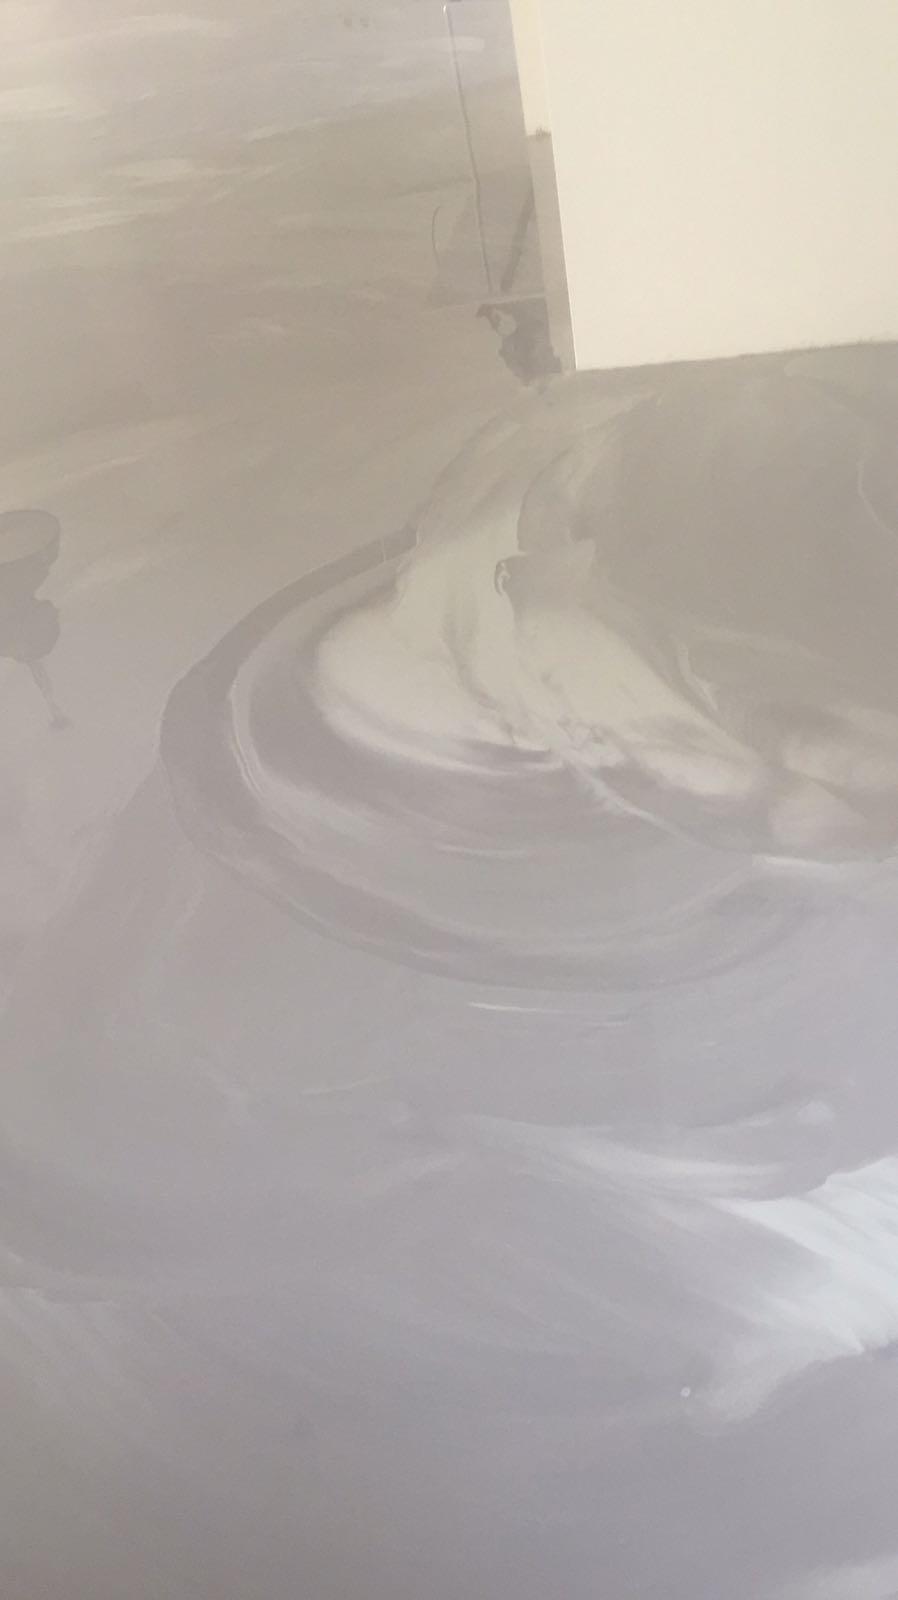 Pu-betonlook gietvloer in 2 kleuren